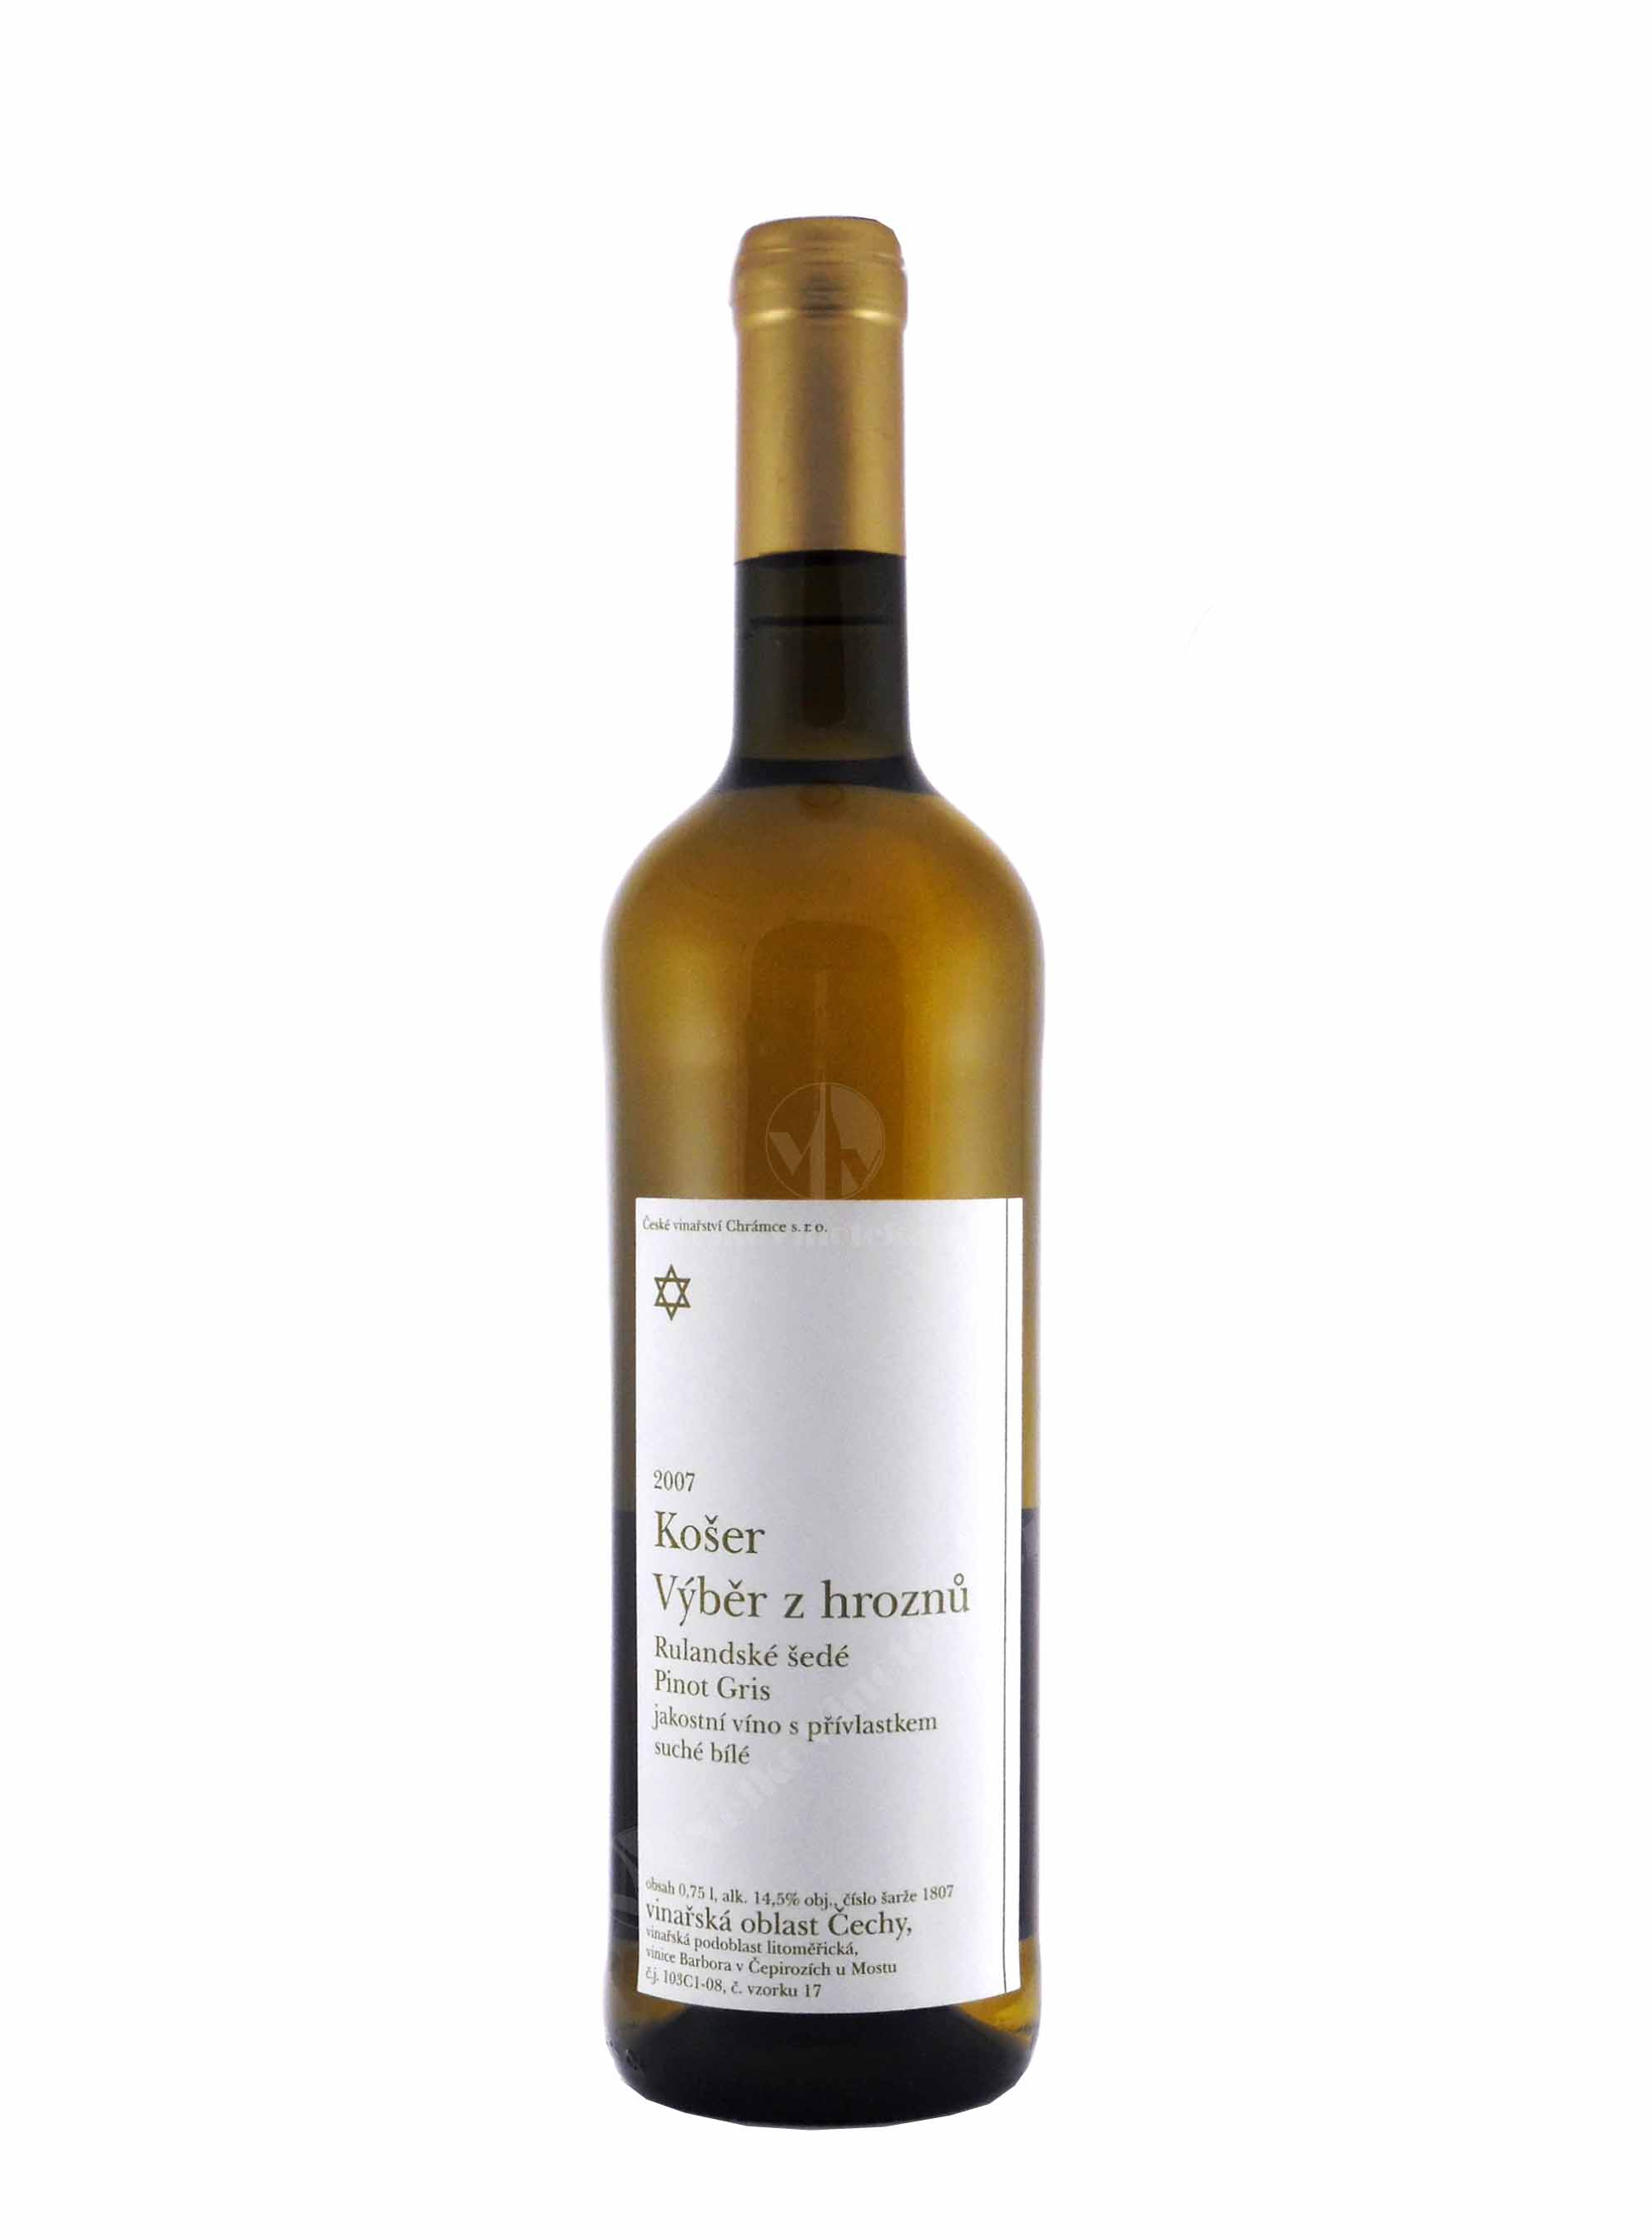 Rulandské šedé, Košer, Výběr z hroznů, 2007, České vinařství Chrámce, 0.75 l